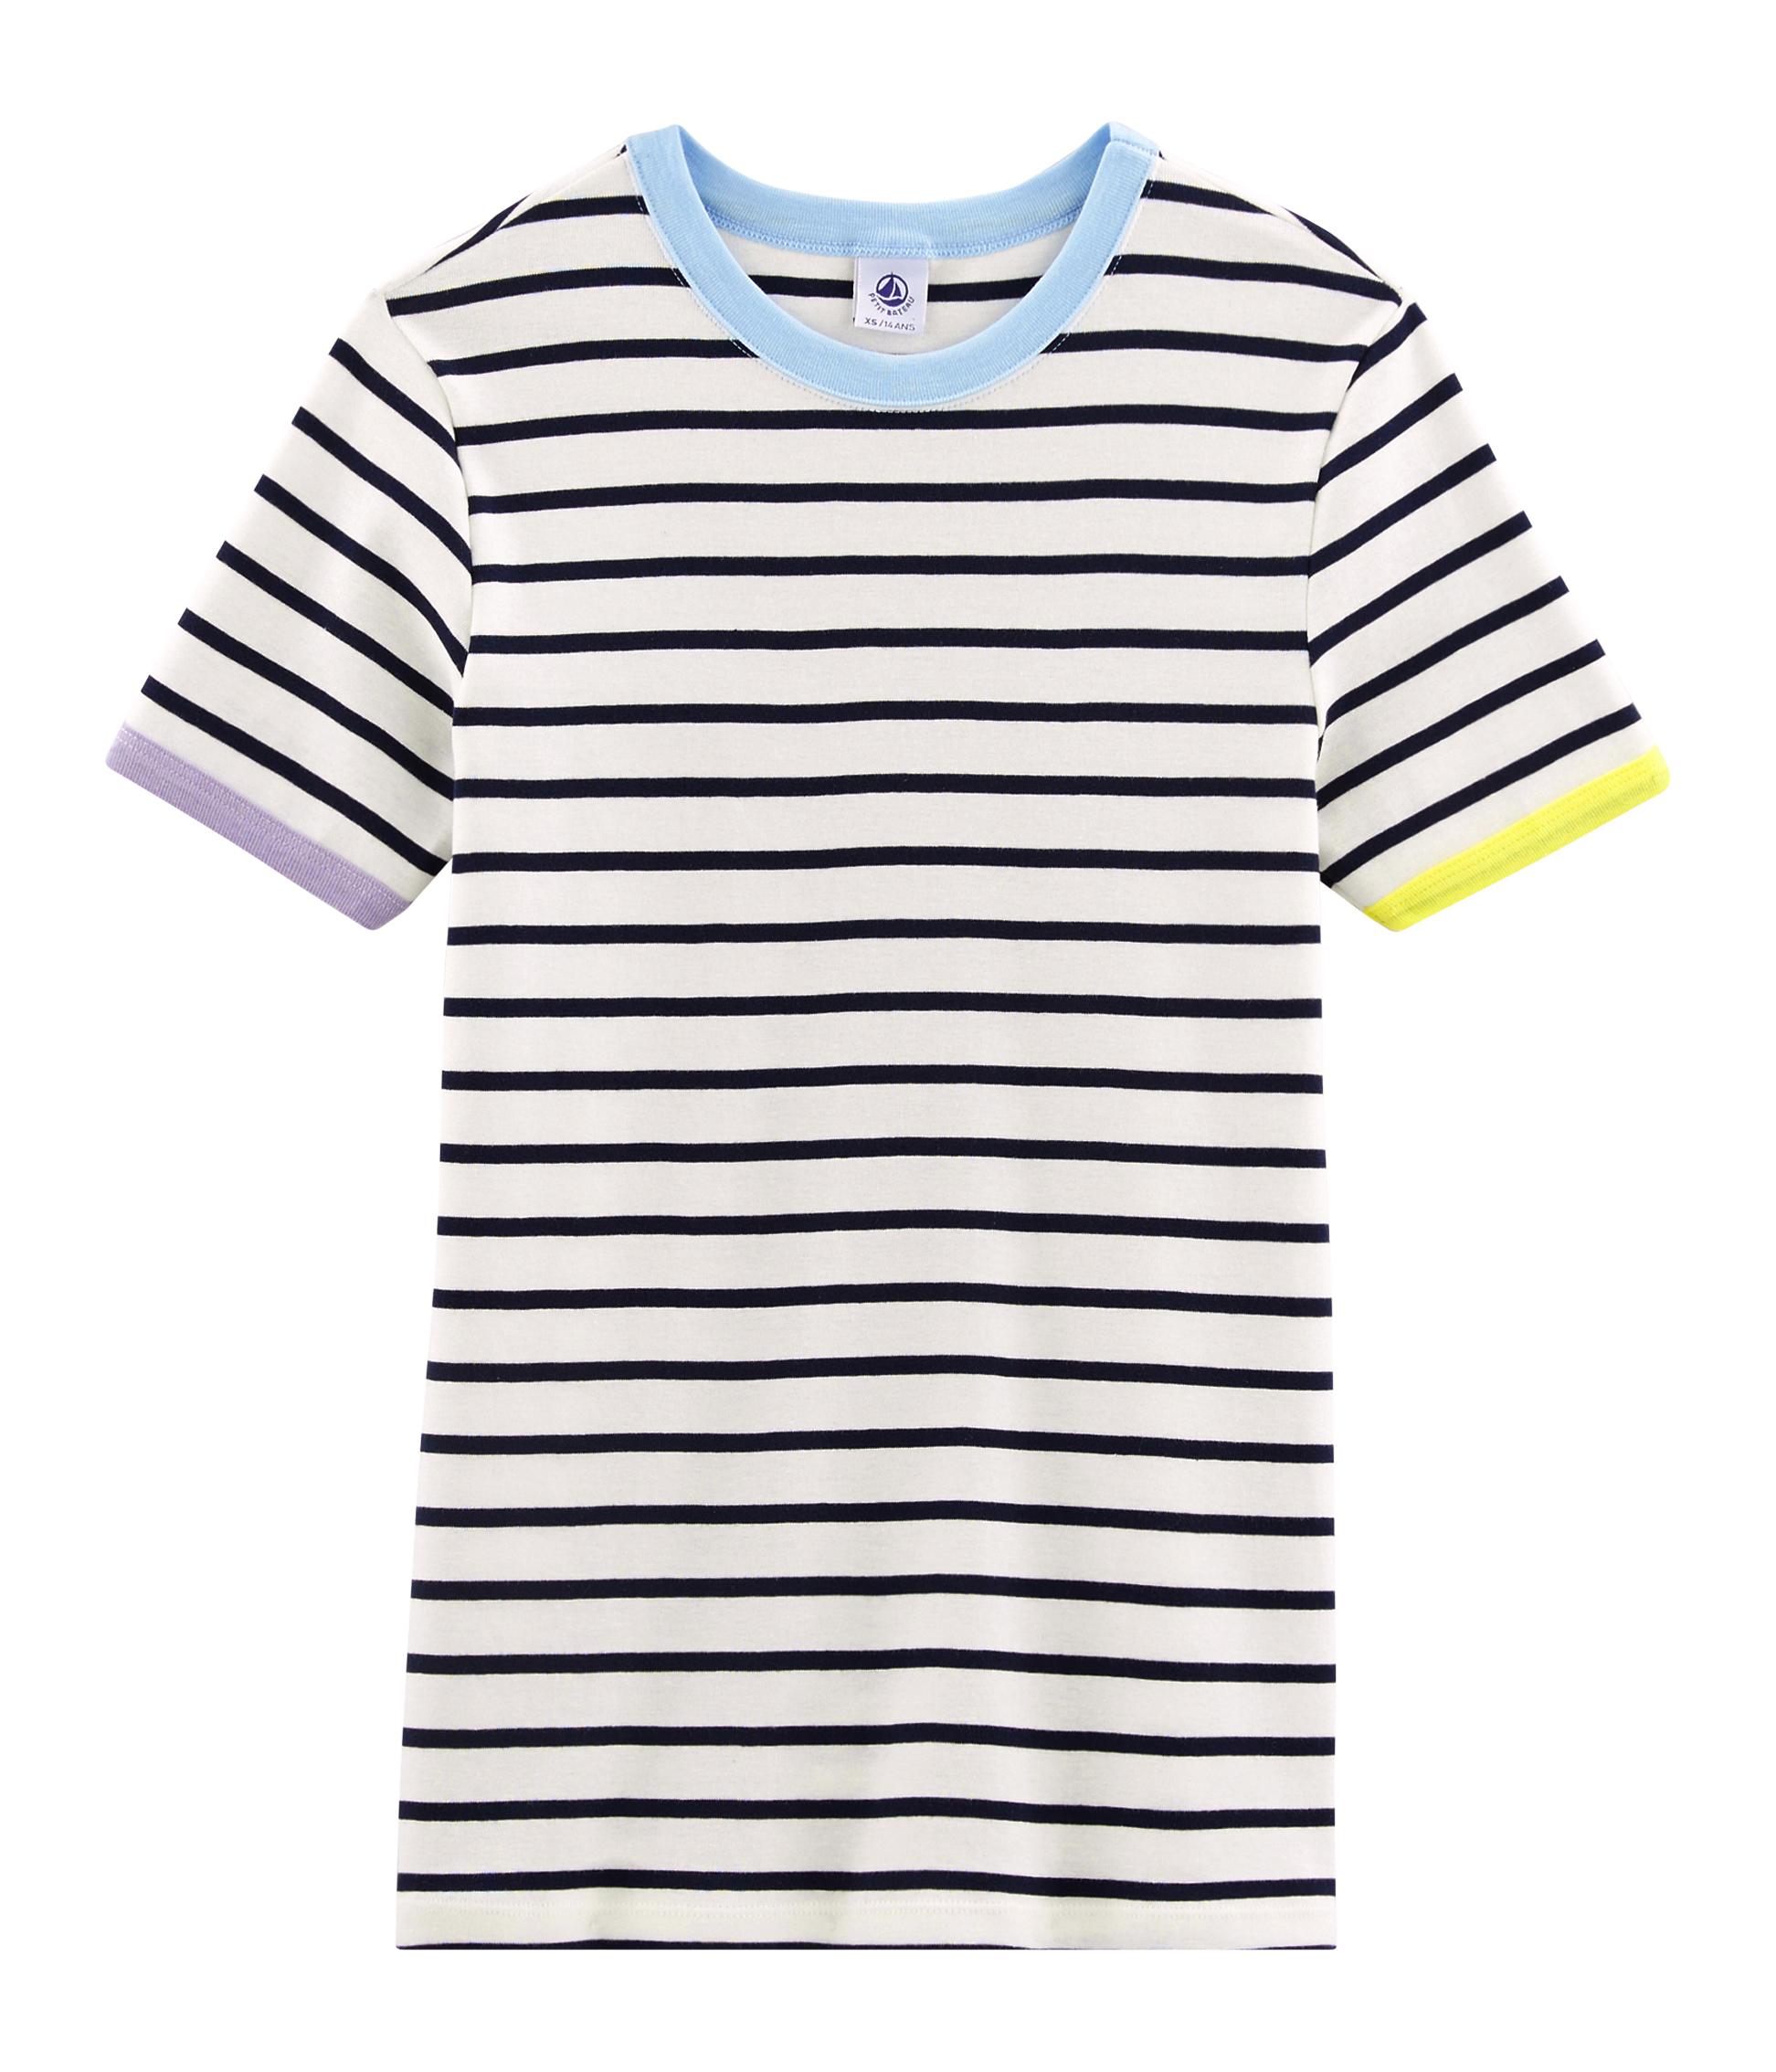 Petit Bateau Check Shirt Multicolor-6 Months Baby